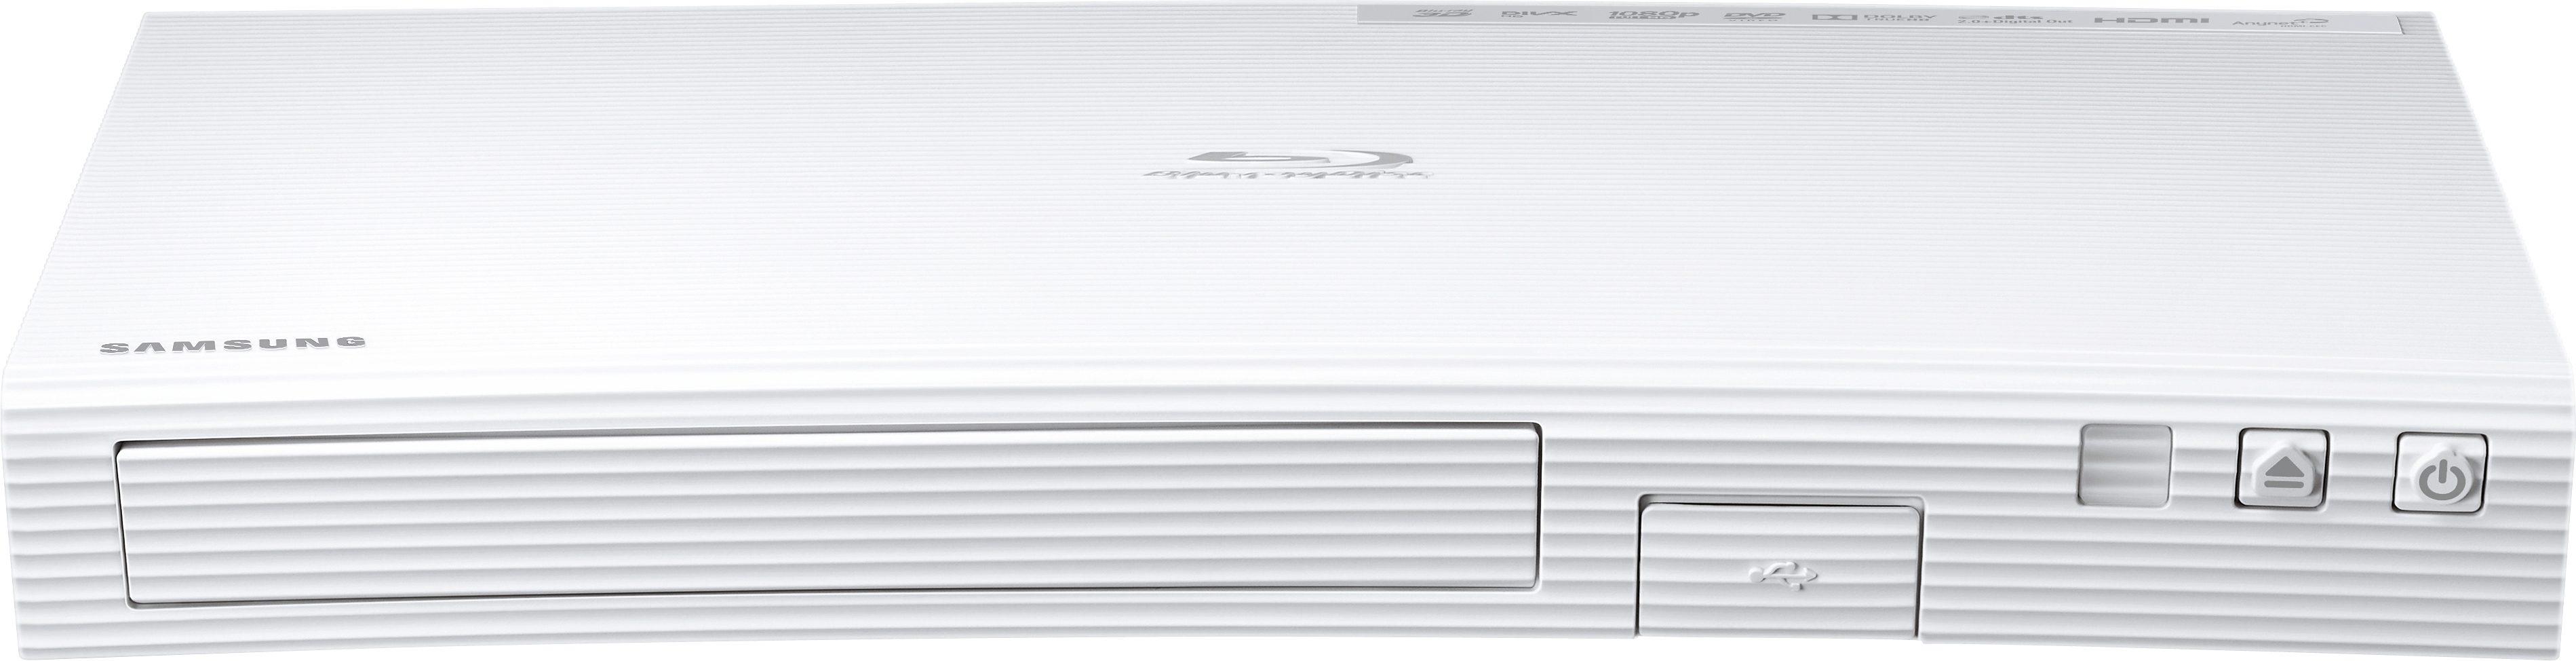 Samsung BD-J5500E 3D Blu-ray-Player 3D-fähig